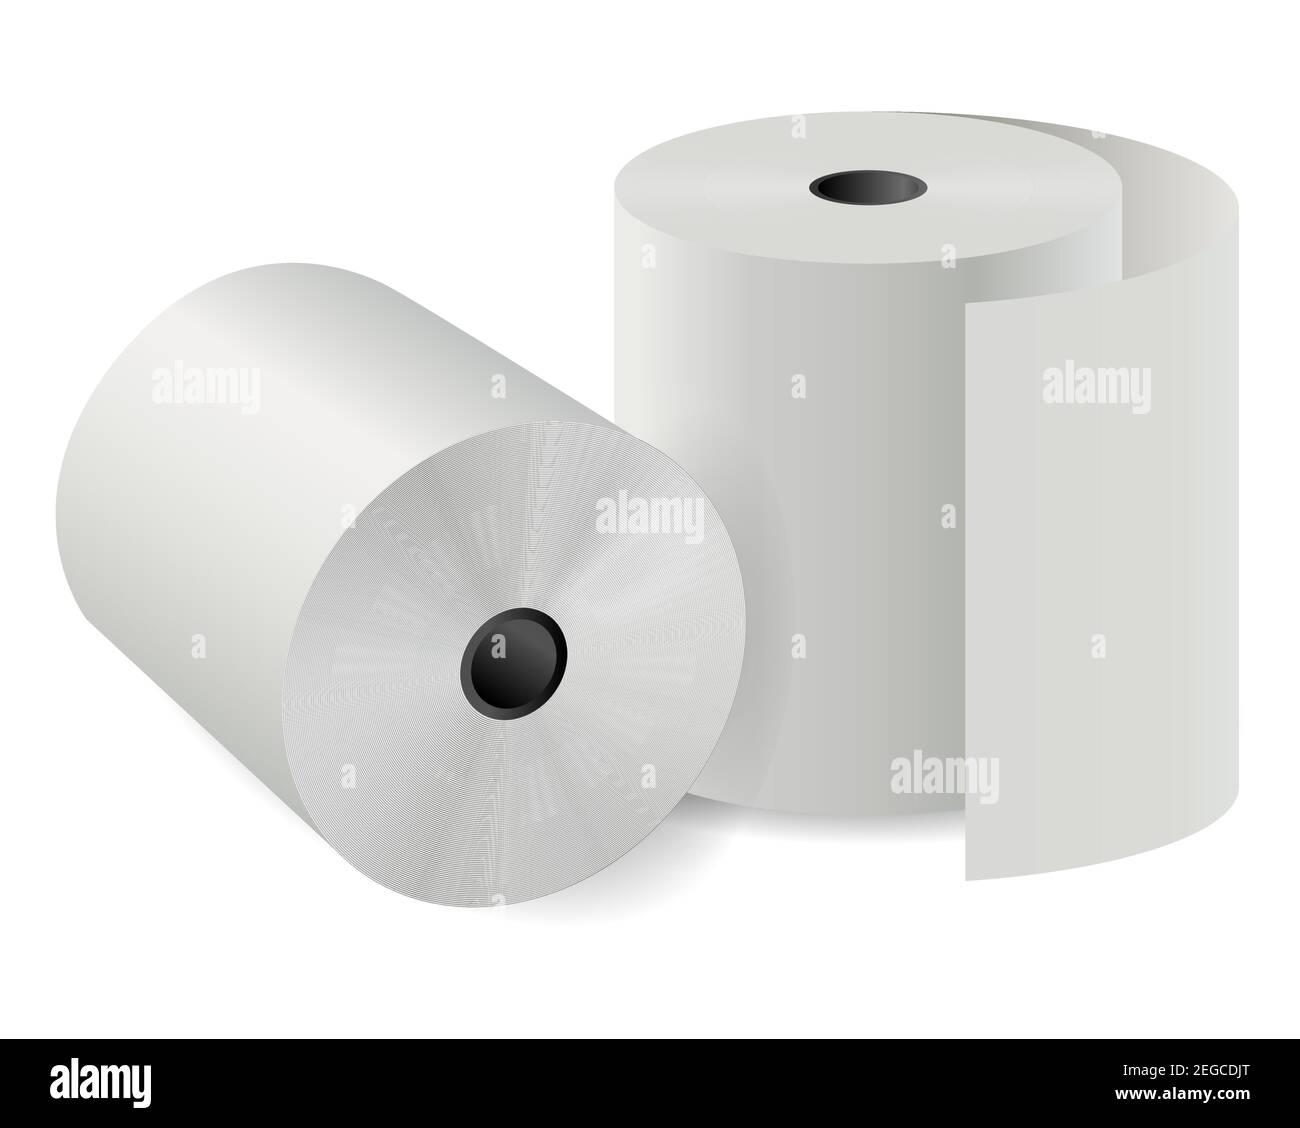 Rouleau de papier de la caisse. cylindre thermique vectoriel 3d. Illustration de la bande d'impression de la calculatrice infrarouge de télécopie. Papier toilette pour l'hygiène. Descr. Chèque paiement tissu Illustration de Vecteur